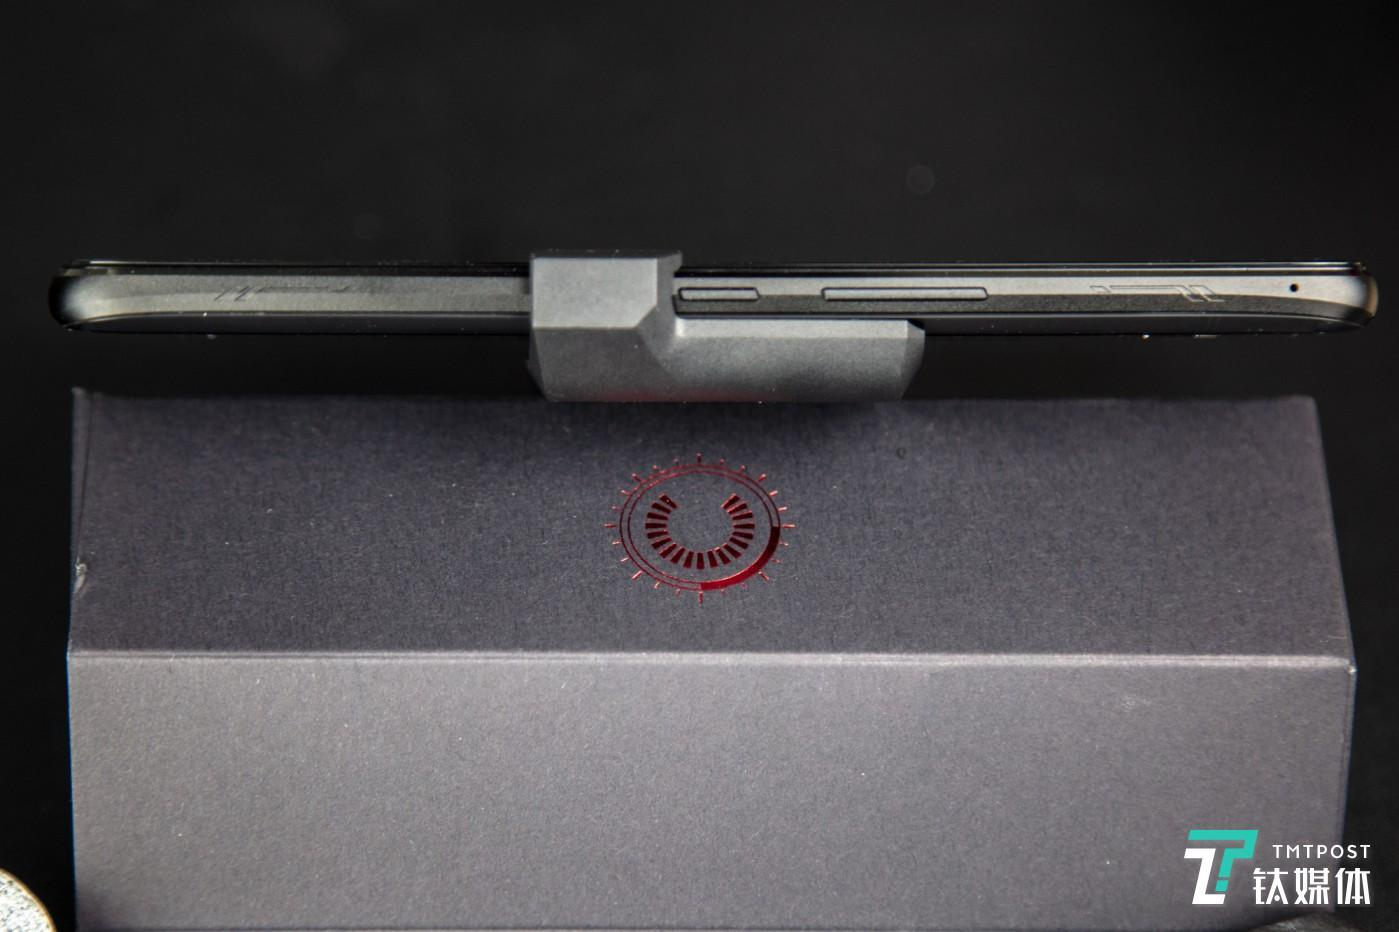 另一侧两枚超声波Air Triggers触控传感器